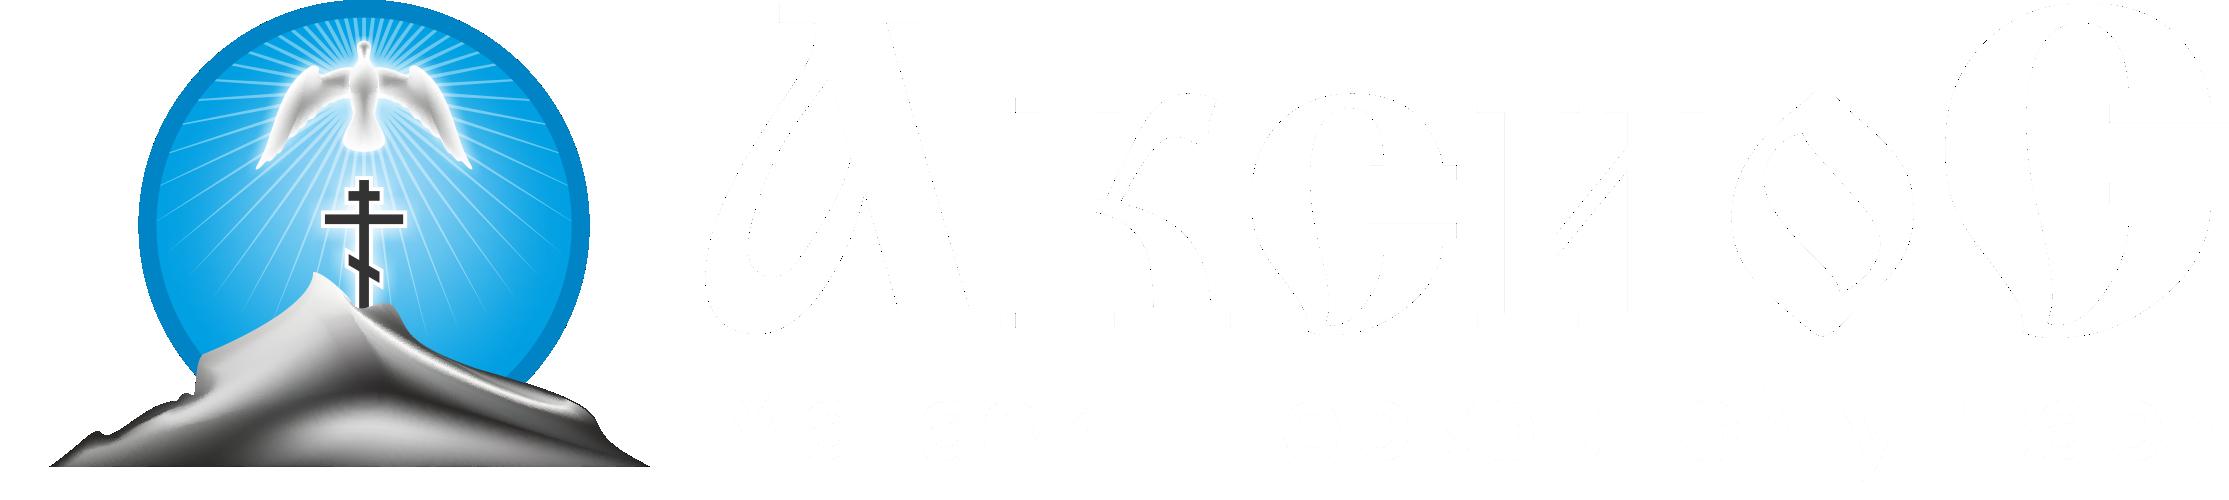 Аксиос